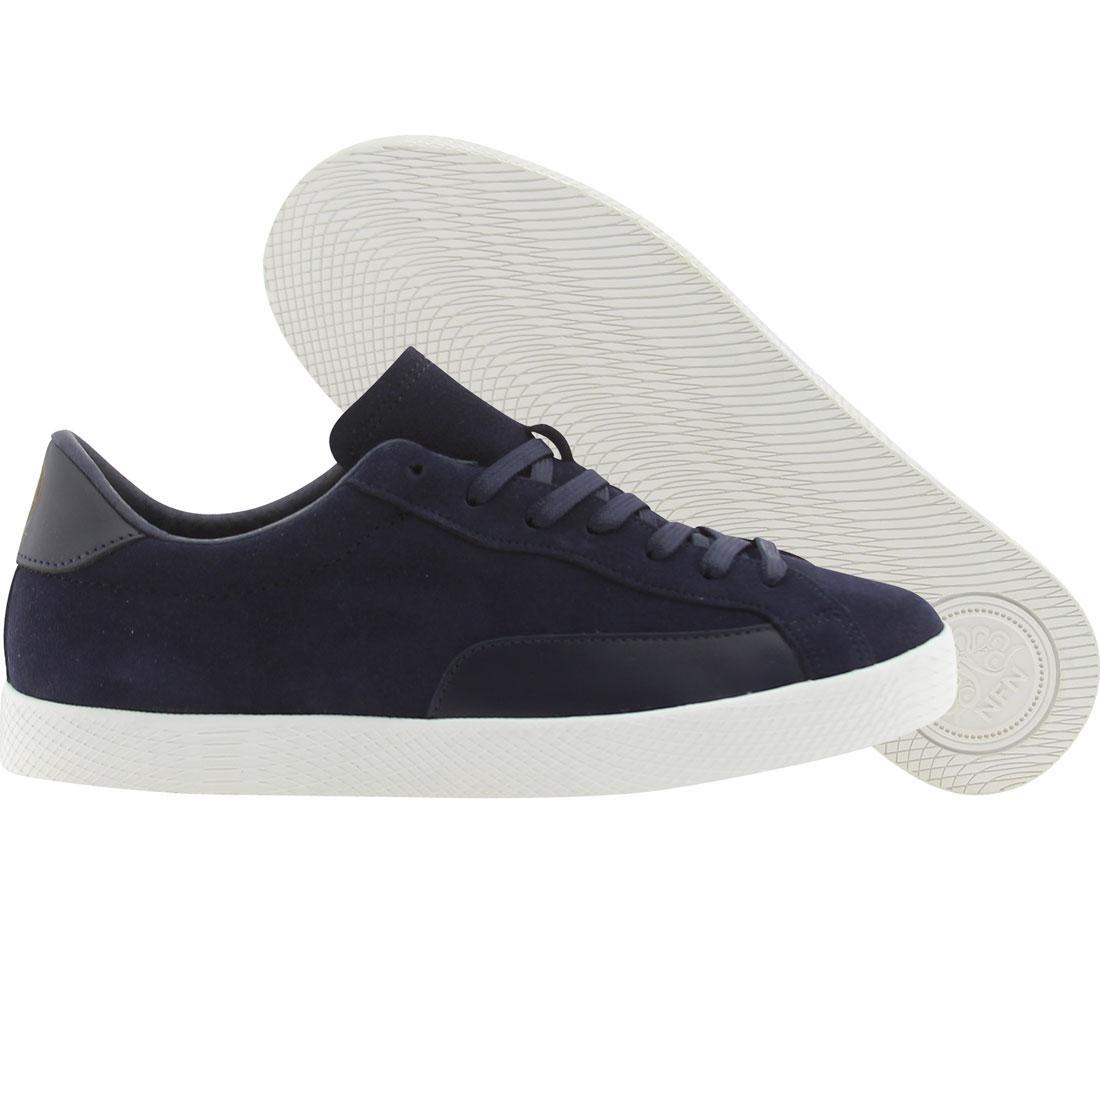 【海外限定】グルメ スニーカー 靴 【 GOURMET DICIOTTO NAVY WHITE 】